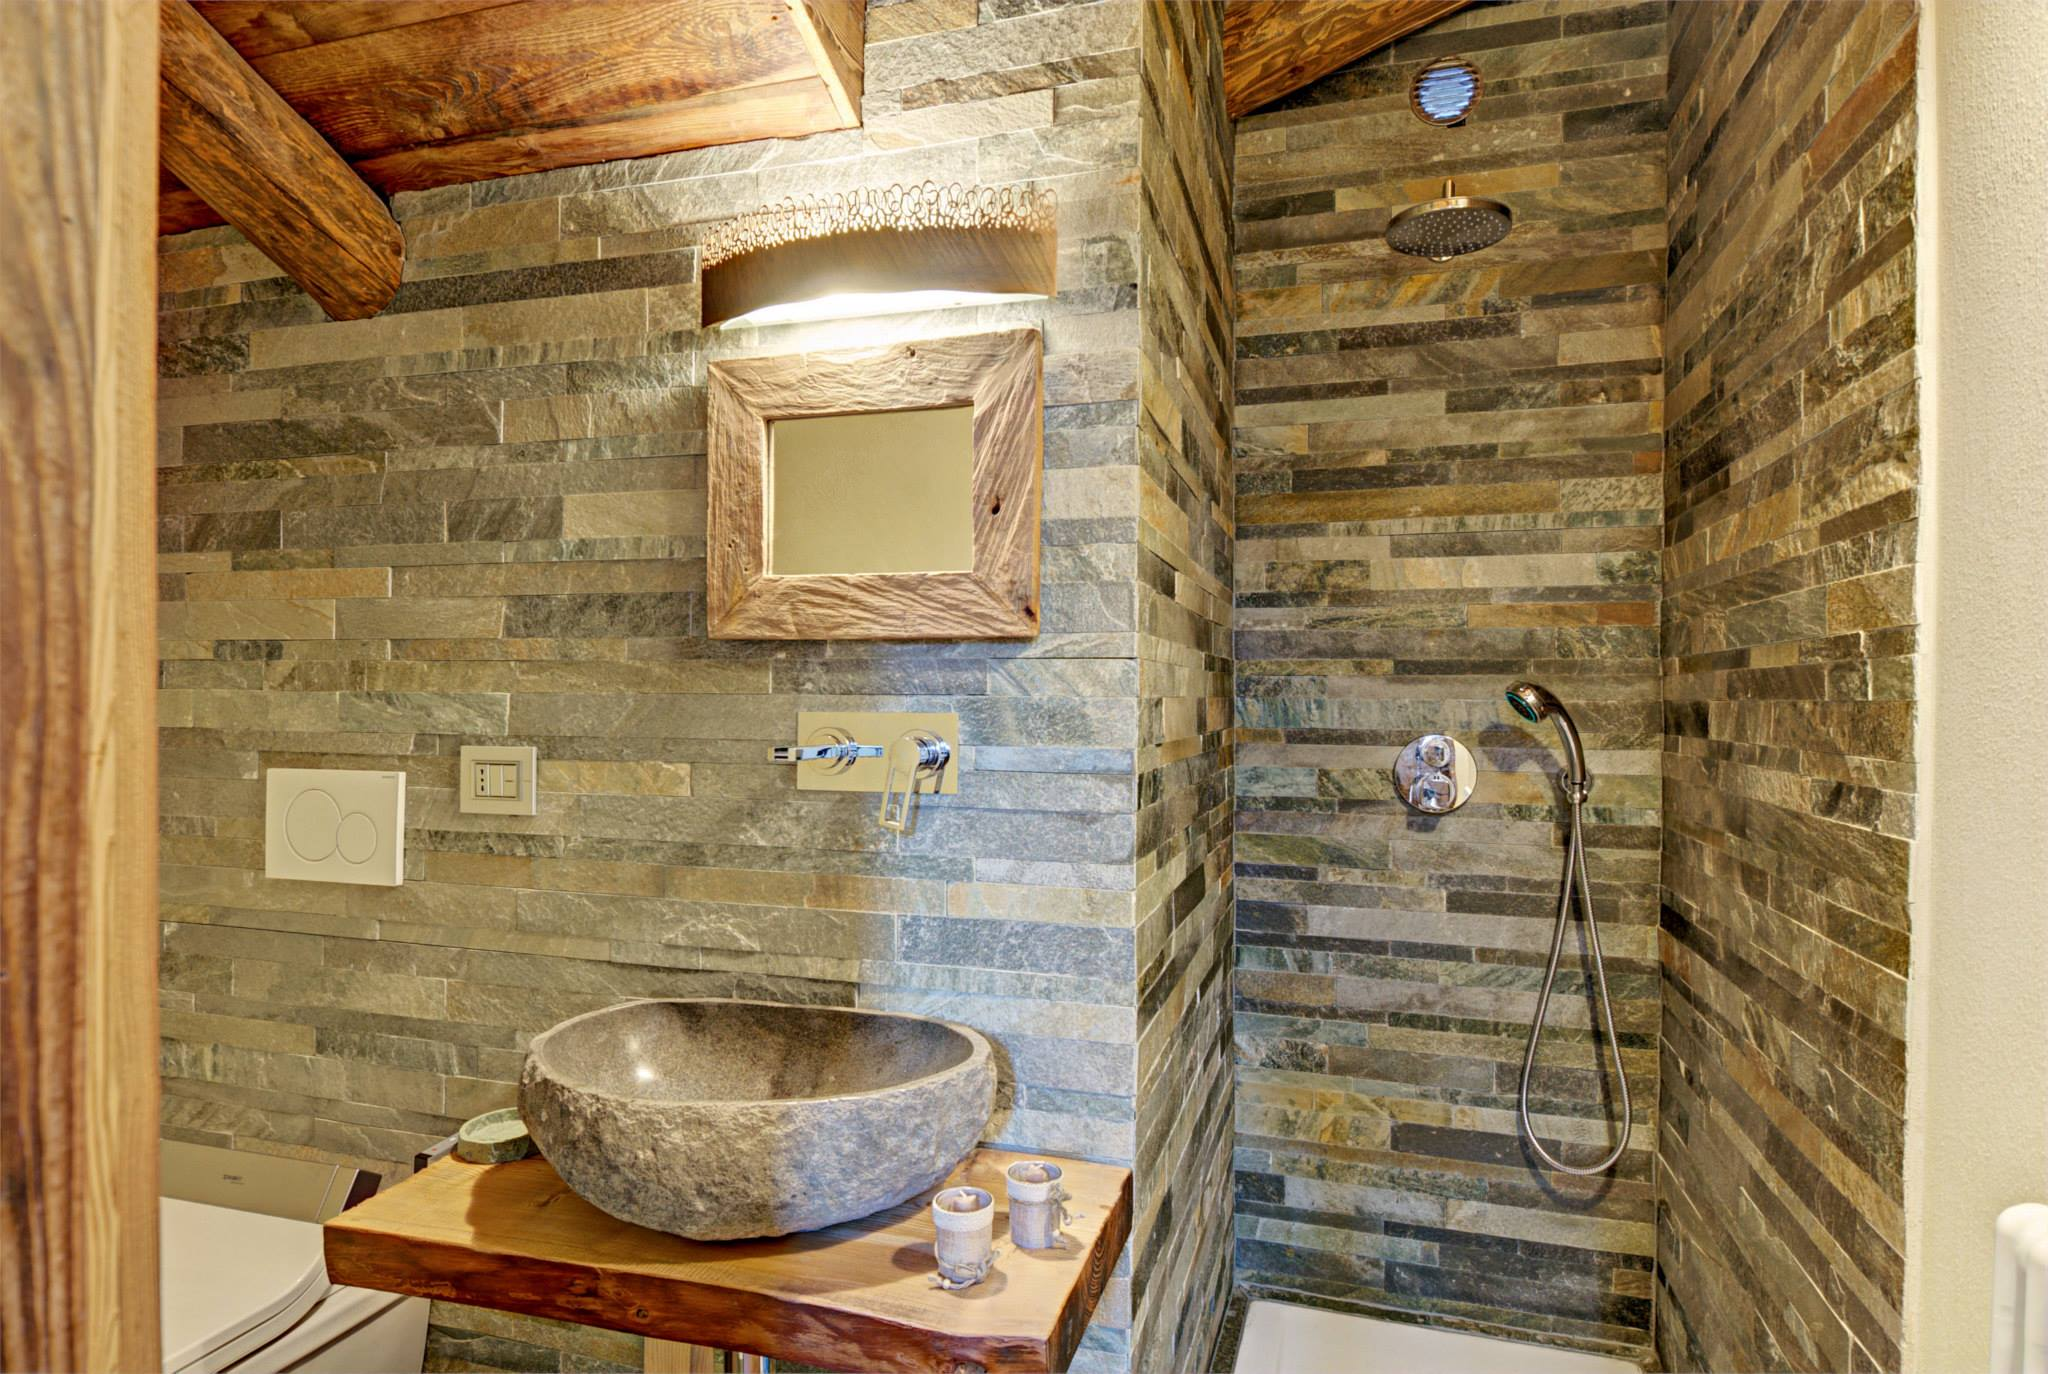 Dise o de interiores r stico uso de madera y piedra for Diseno de bano chico